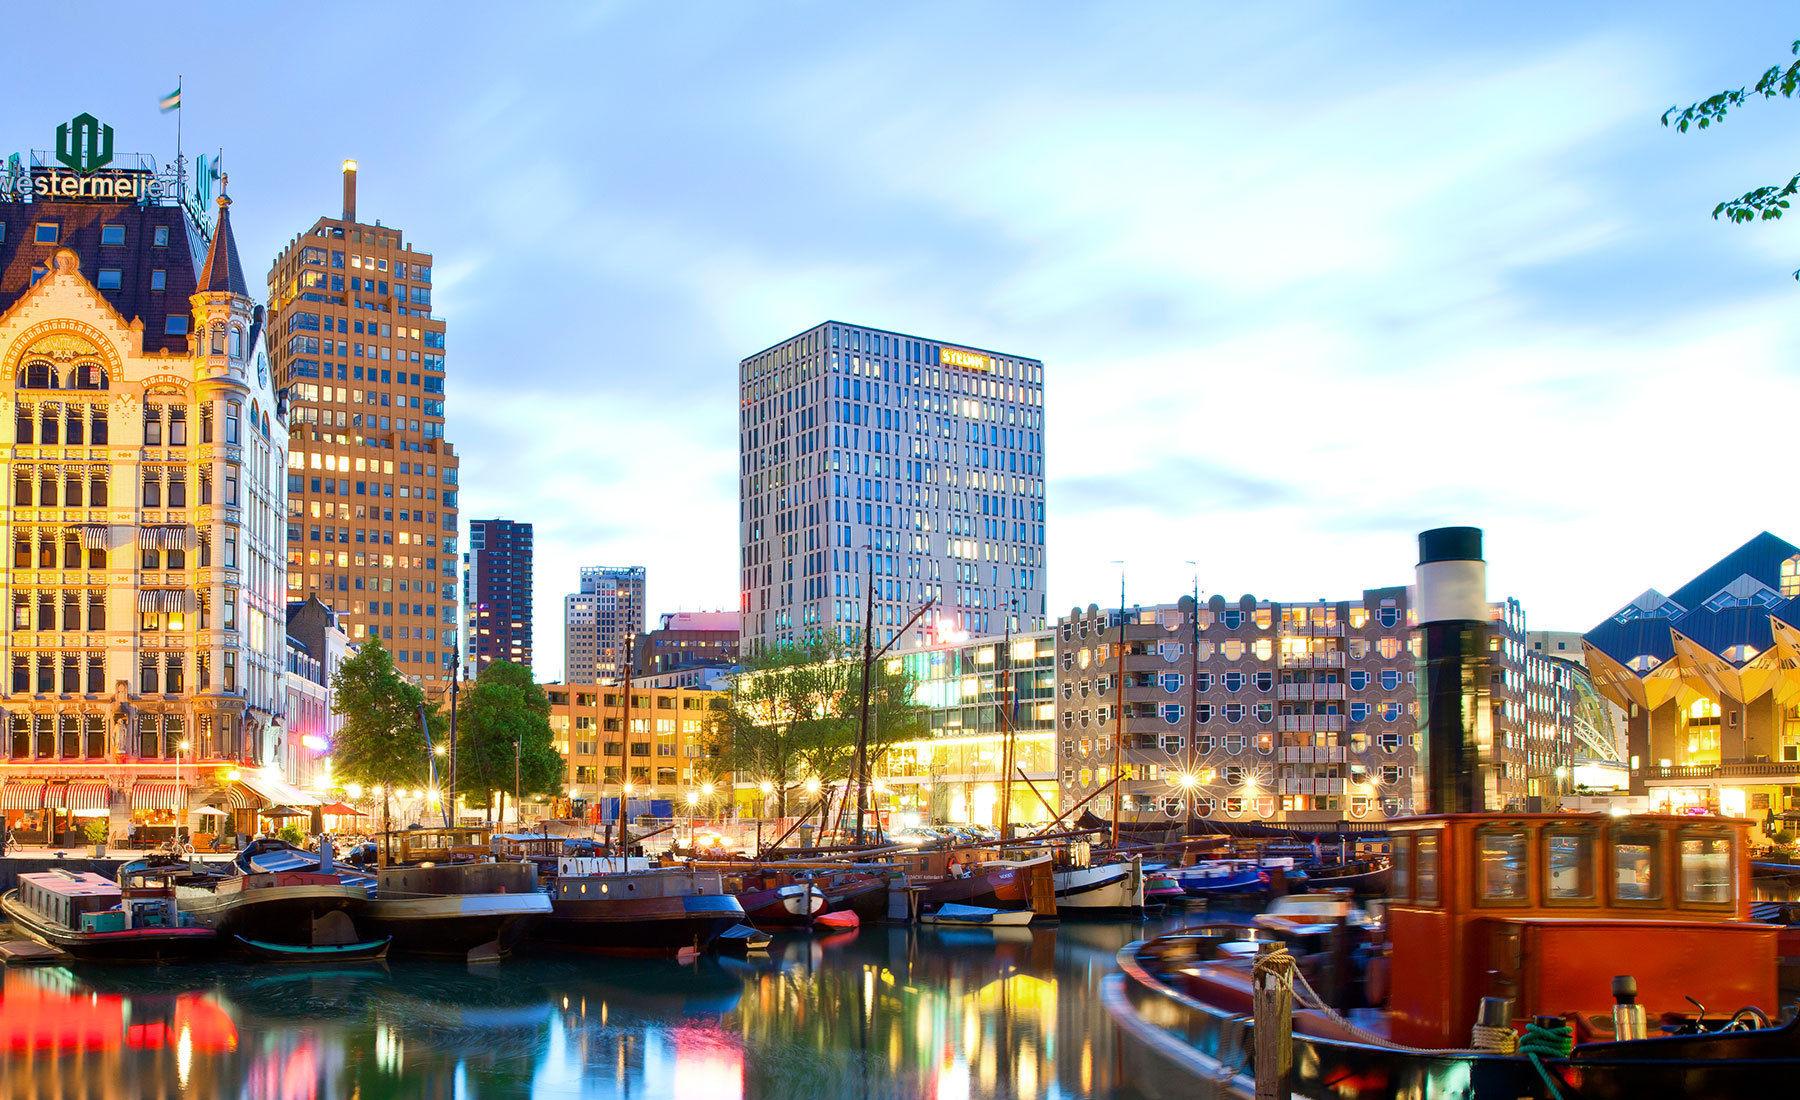 online biseksueel groot in de buurt Rotterdam